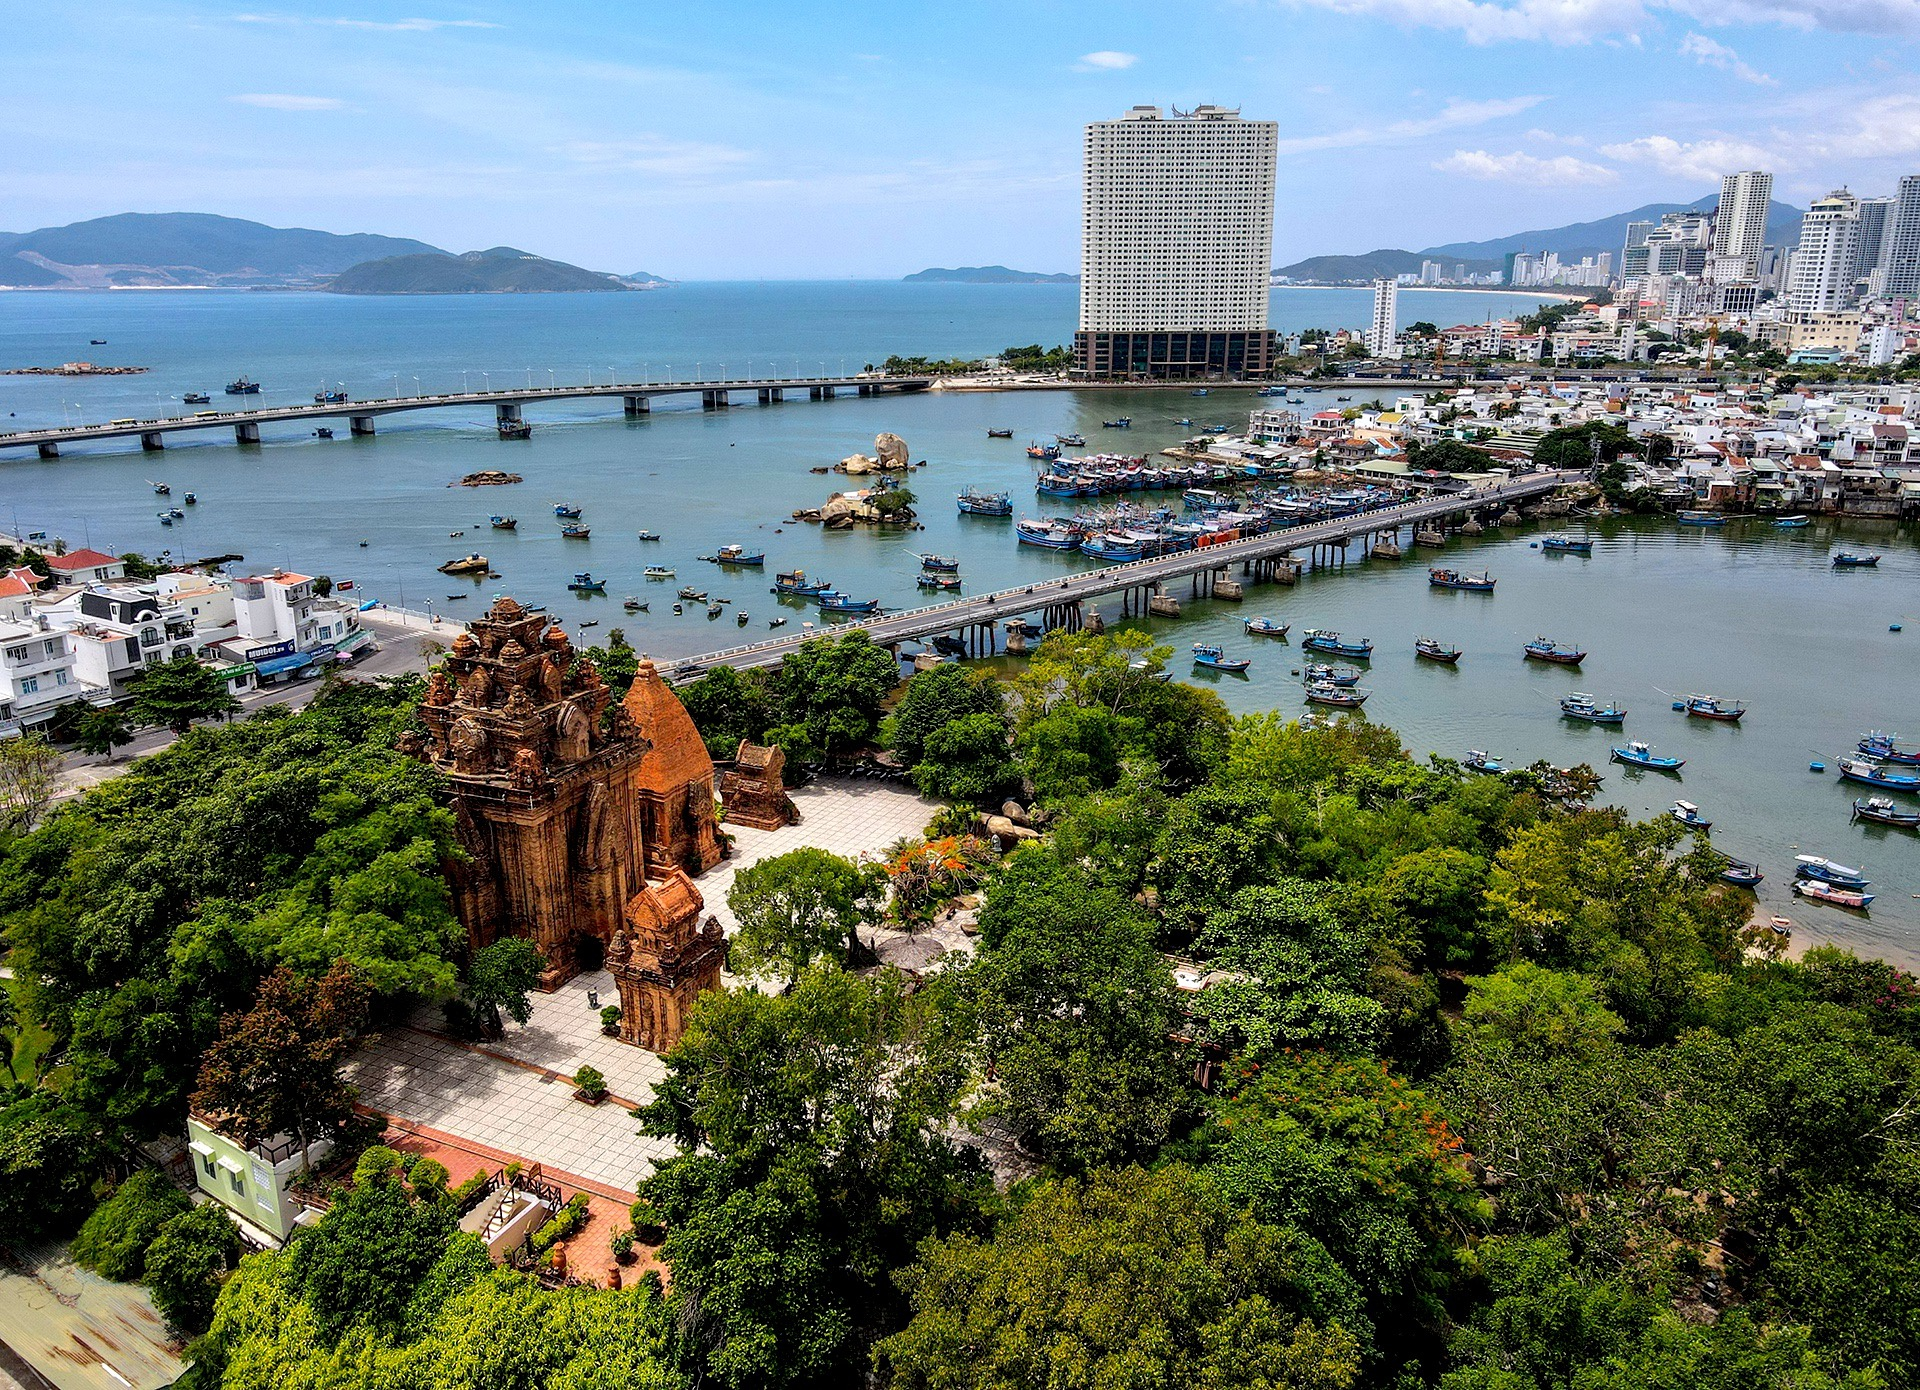 - 21_zing_1 - Thành phố trực thuộc tỉnh nào có diện tích lớn nhất Việt Nam?